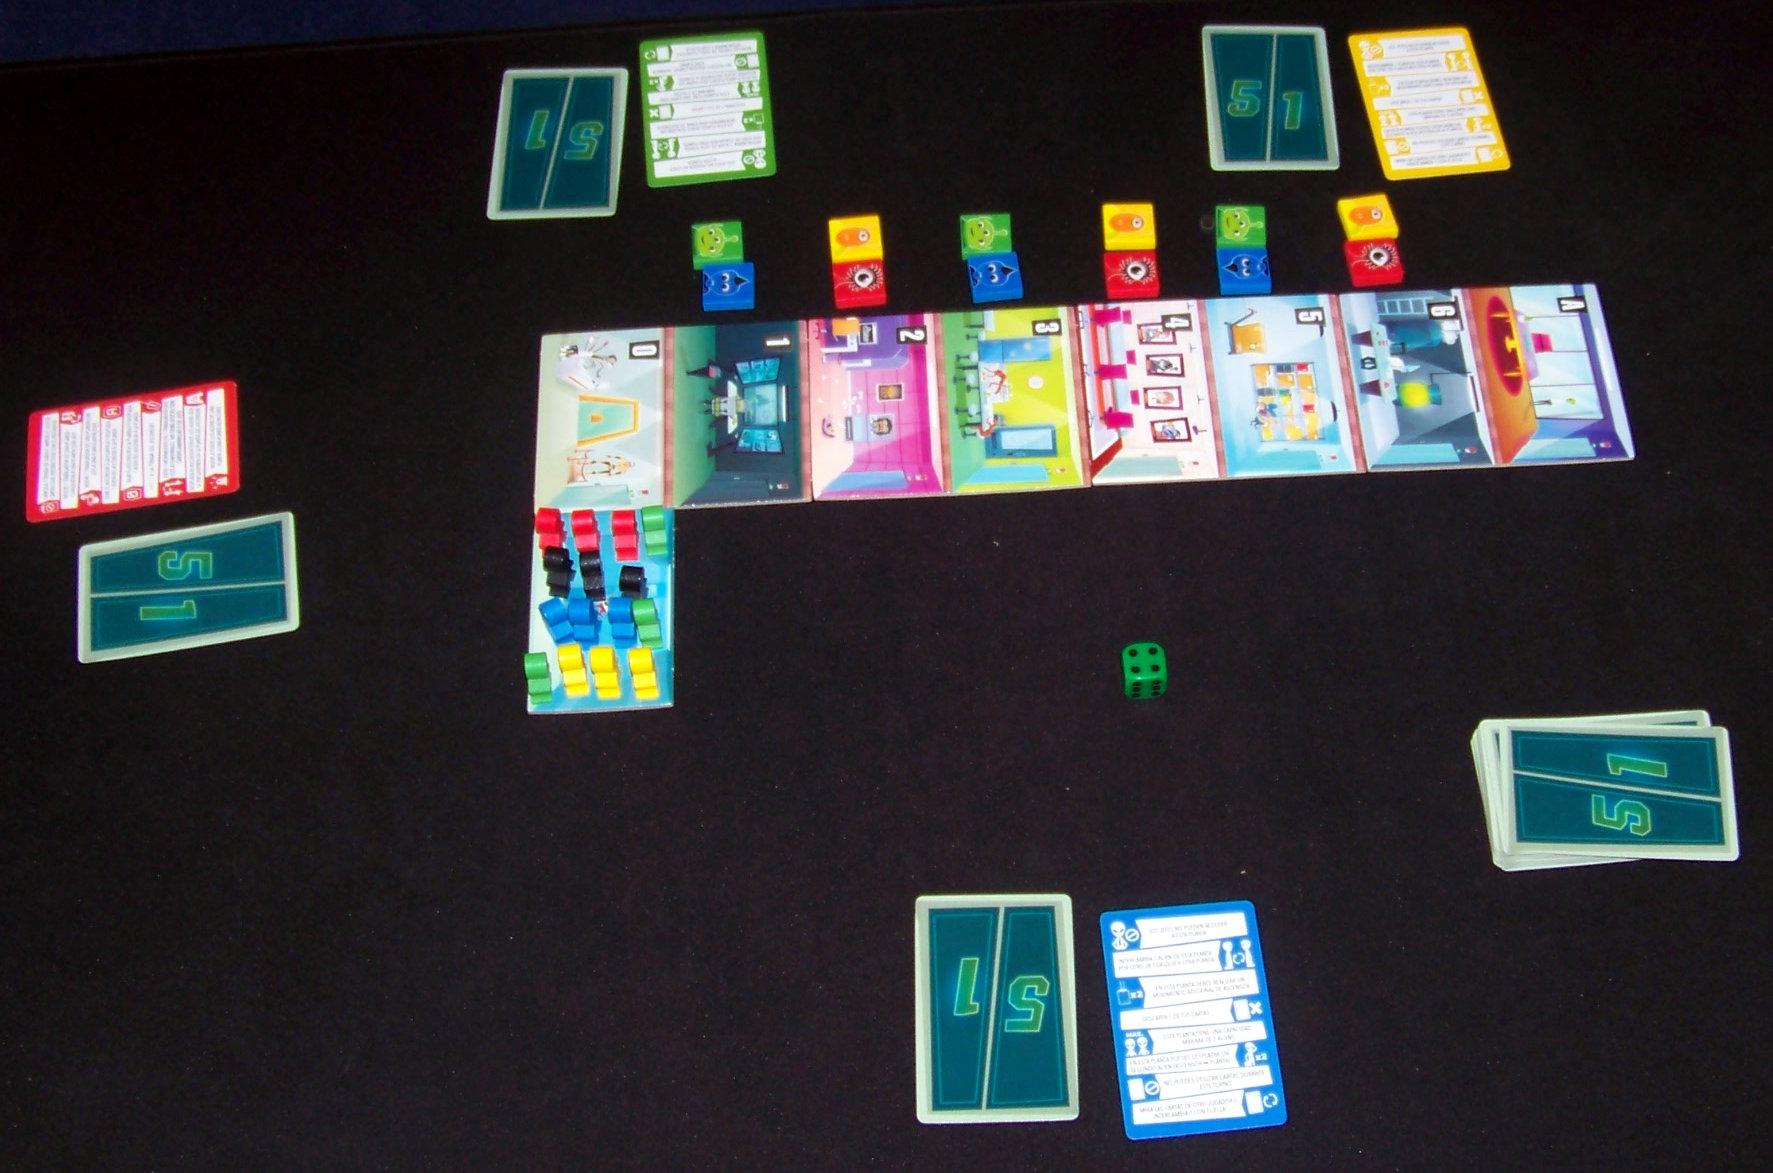 Juego de mesa Alien 51 - despliegue